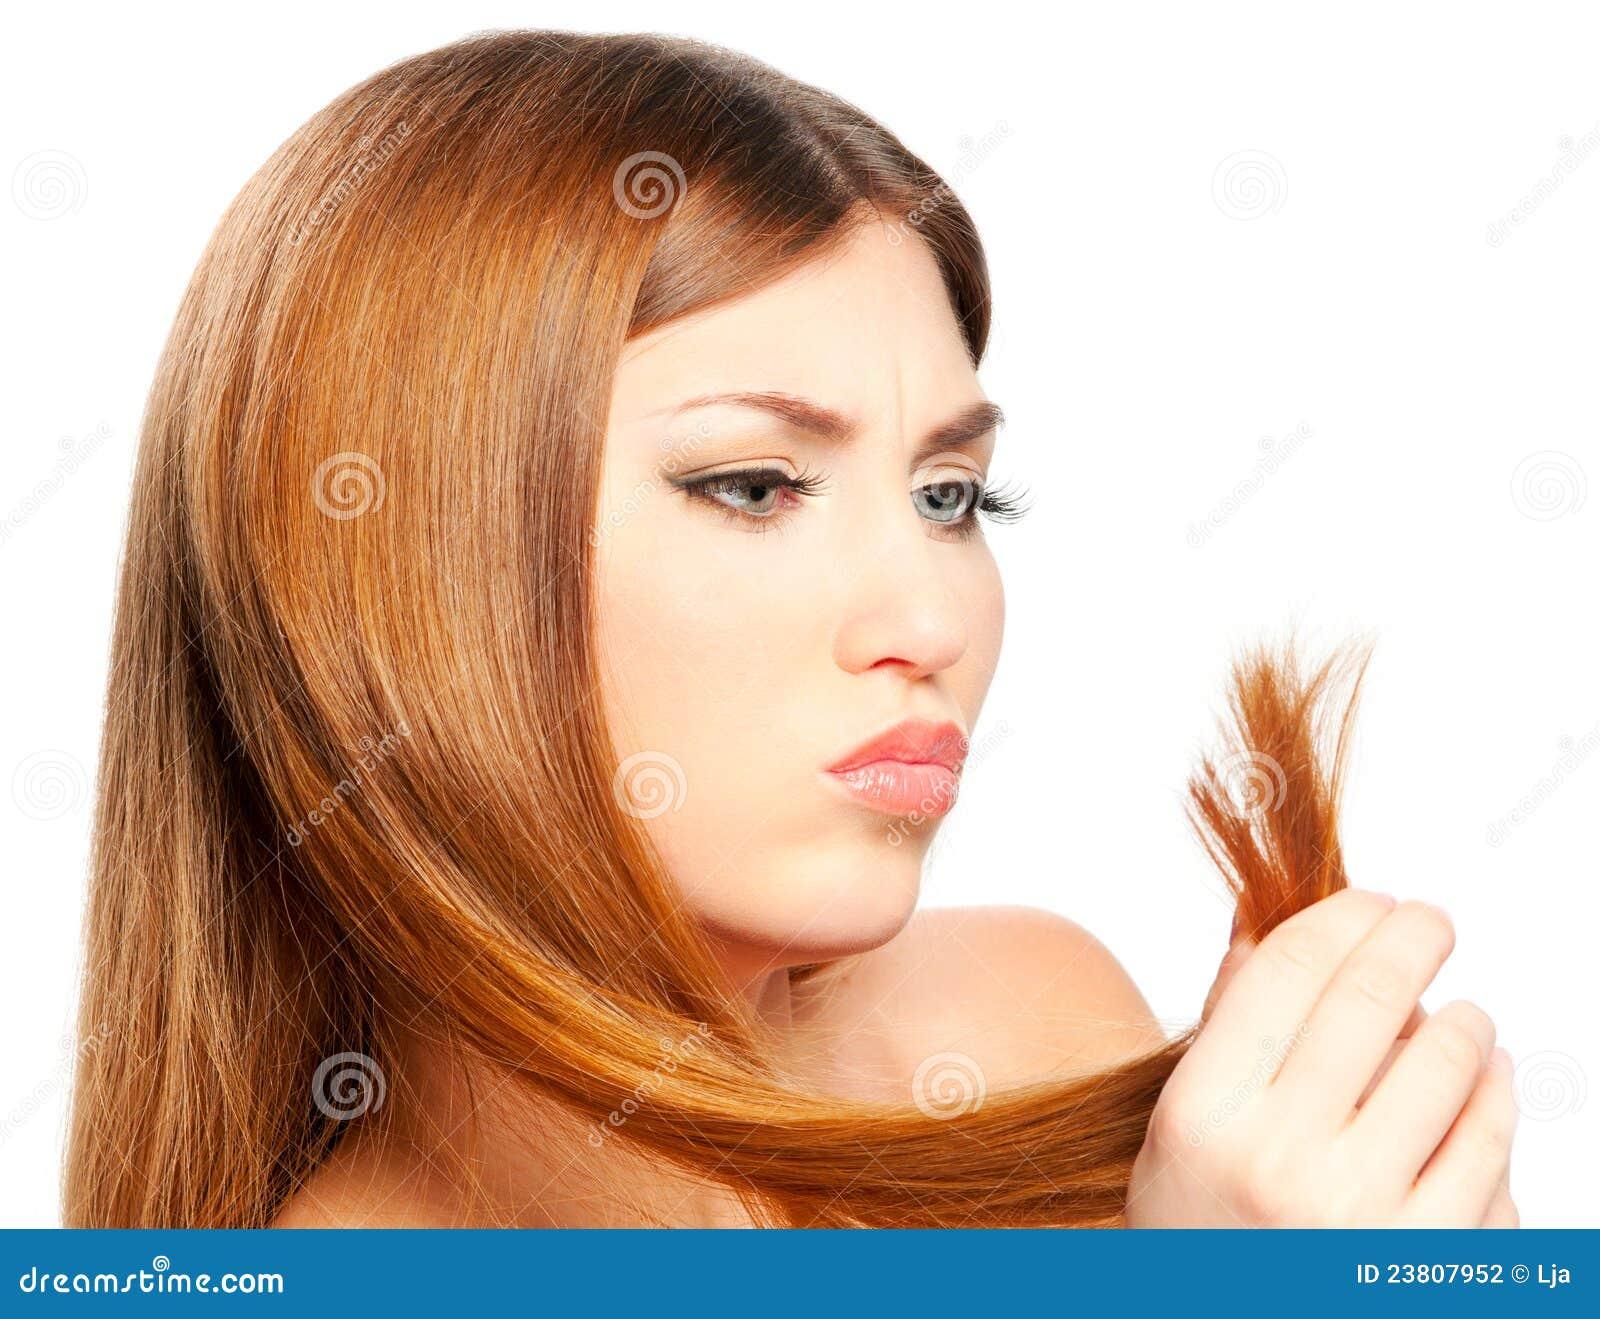 Как обесцветить волосы в домашних 29